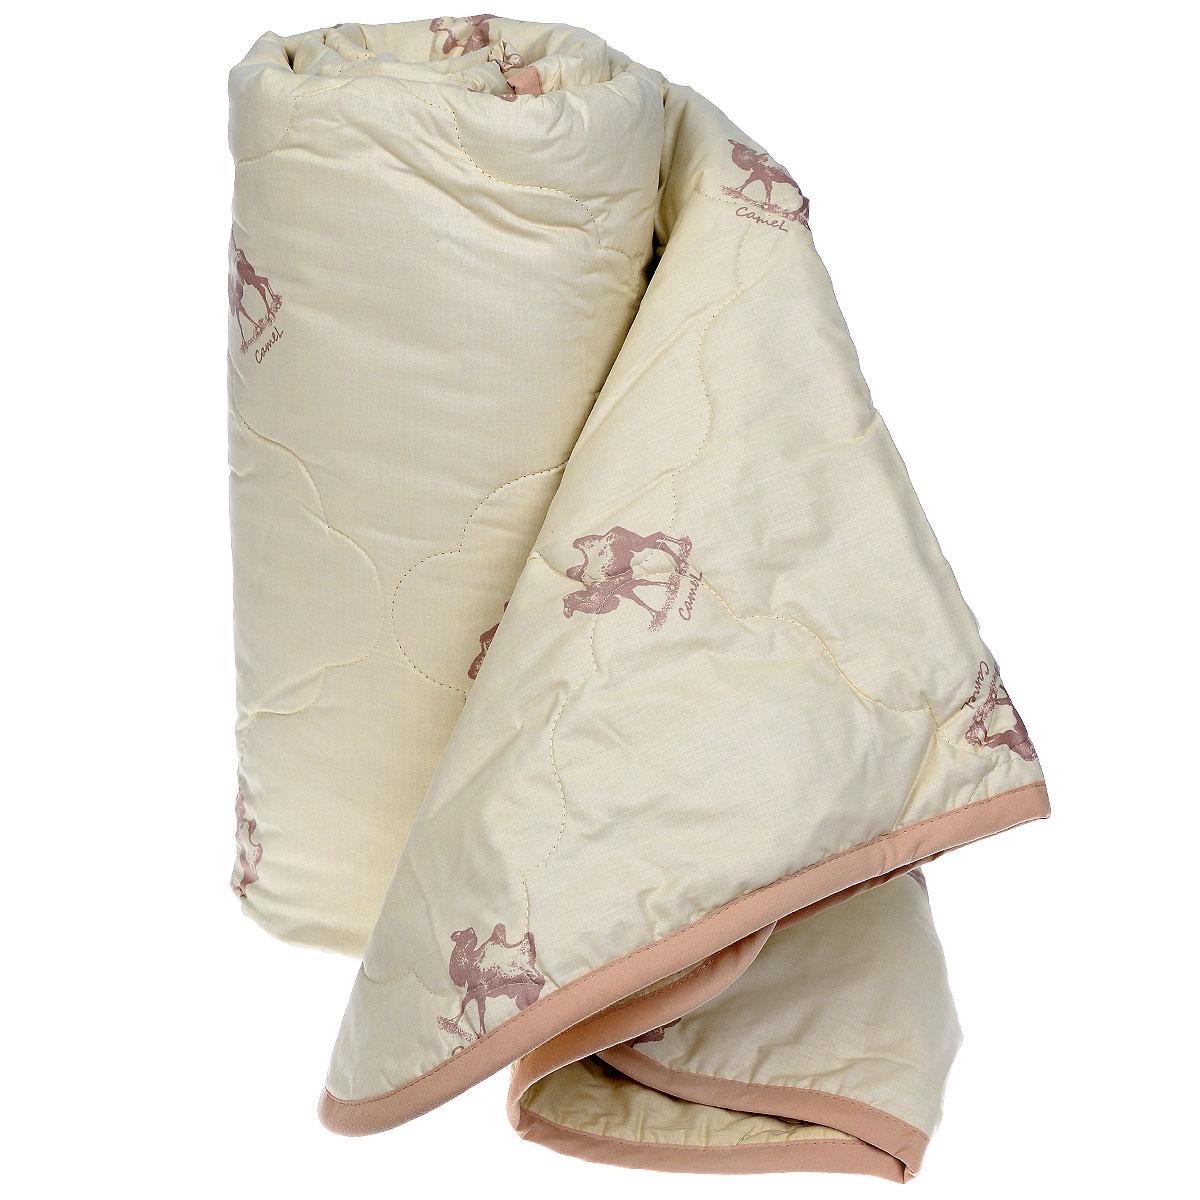 Одеяло Sova & Javoronok, наполнитель: верблюжья шерсть, цвет: бежевый, 200 х 220 см5030116085Чехол одеяла Sova & Javoronok выполнен из высококачественного плотного материала тик (100% хлопок). Наполнитель одеяла изготовлен из верблюжьей шерсти. Стежка надежно удерживает наполнитель внутри и не позволяет ему скатываться. Особенности наполнителя: - исключительные терморегулирующие свойства; - высокое качество прочеса и промывки шерсти; - великолепные ощущения комфорта и уюта. Верблюжья шерсть обладает целебными качествами, содержит наиболее высокий процент ланолина (животного воска), который является природным антисептиком и благоприятно воздействует на организм по целому ряду показателей: оказывает благотворное действие на мышцы, суставы, позвоночник, нормализует кровообращение, имеет профилактический эффект при заболевания опорно-двигательного аппарата. Кроме того, верблюжья шерсть антистатична. Шерсть верблюда сохраняет прохладу в период жаркого лета и удерживает тепло во время суровой зимы. Одеяло...